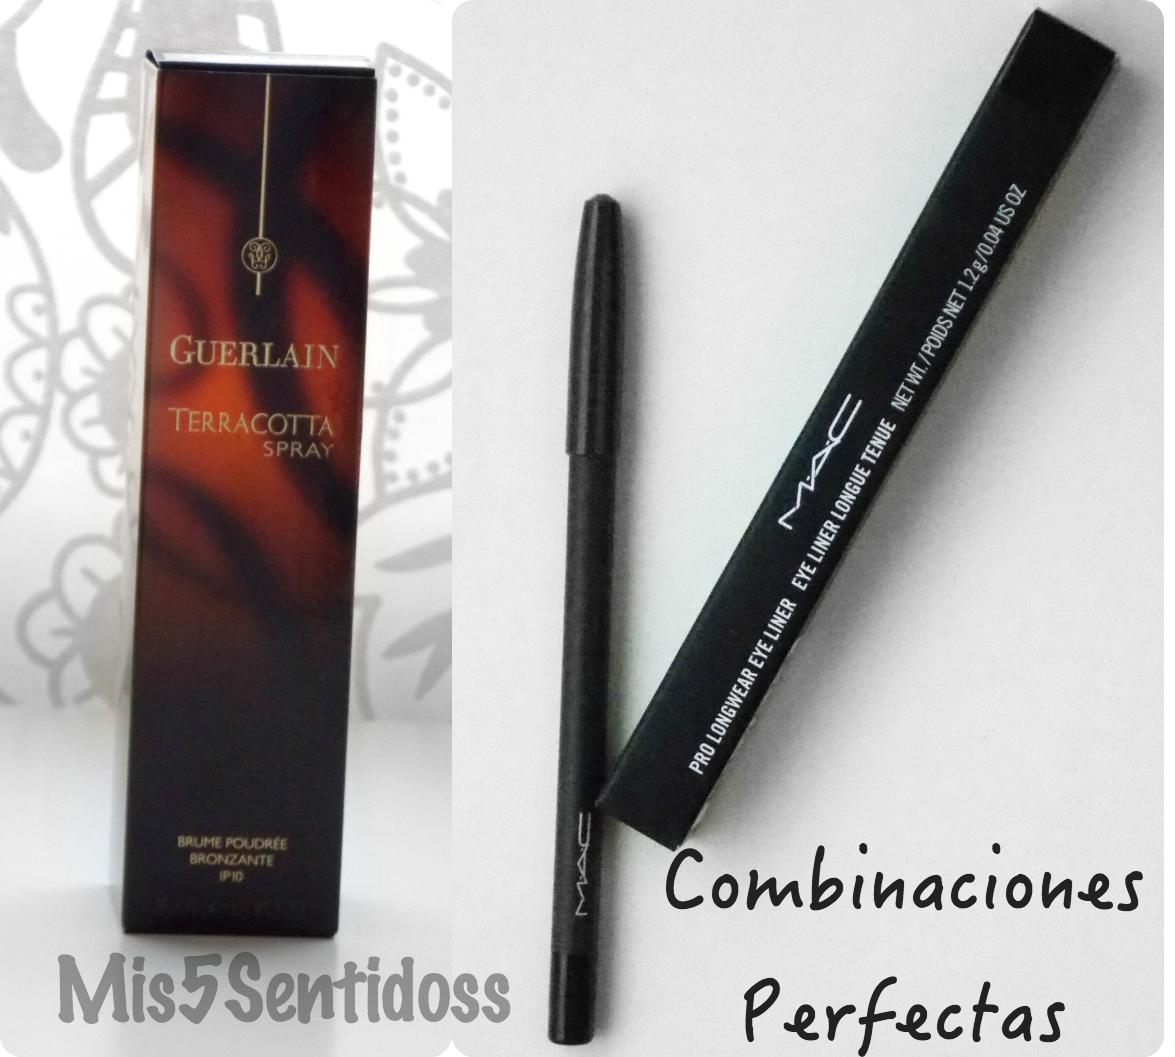 Guerlain Terracota Spray + Mac Pro Longwear Eyeliner